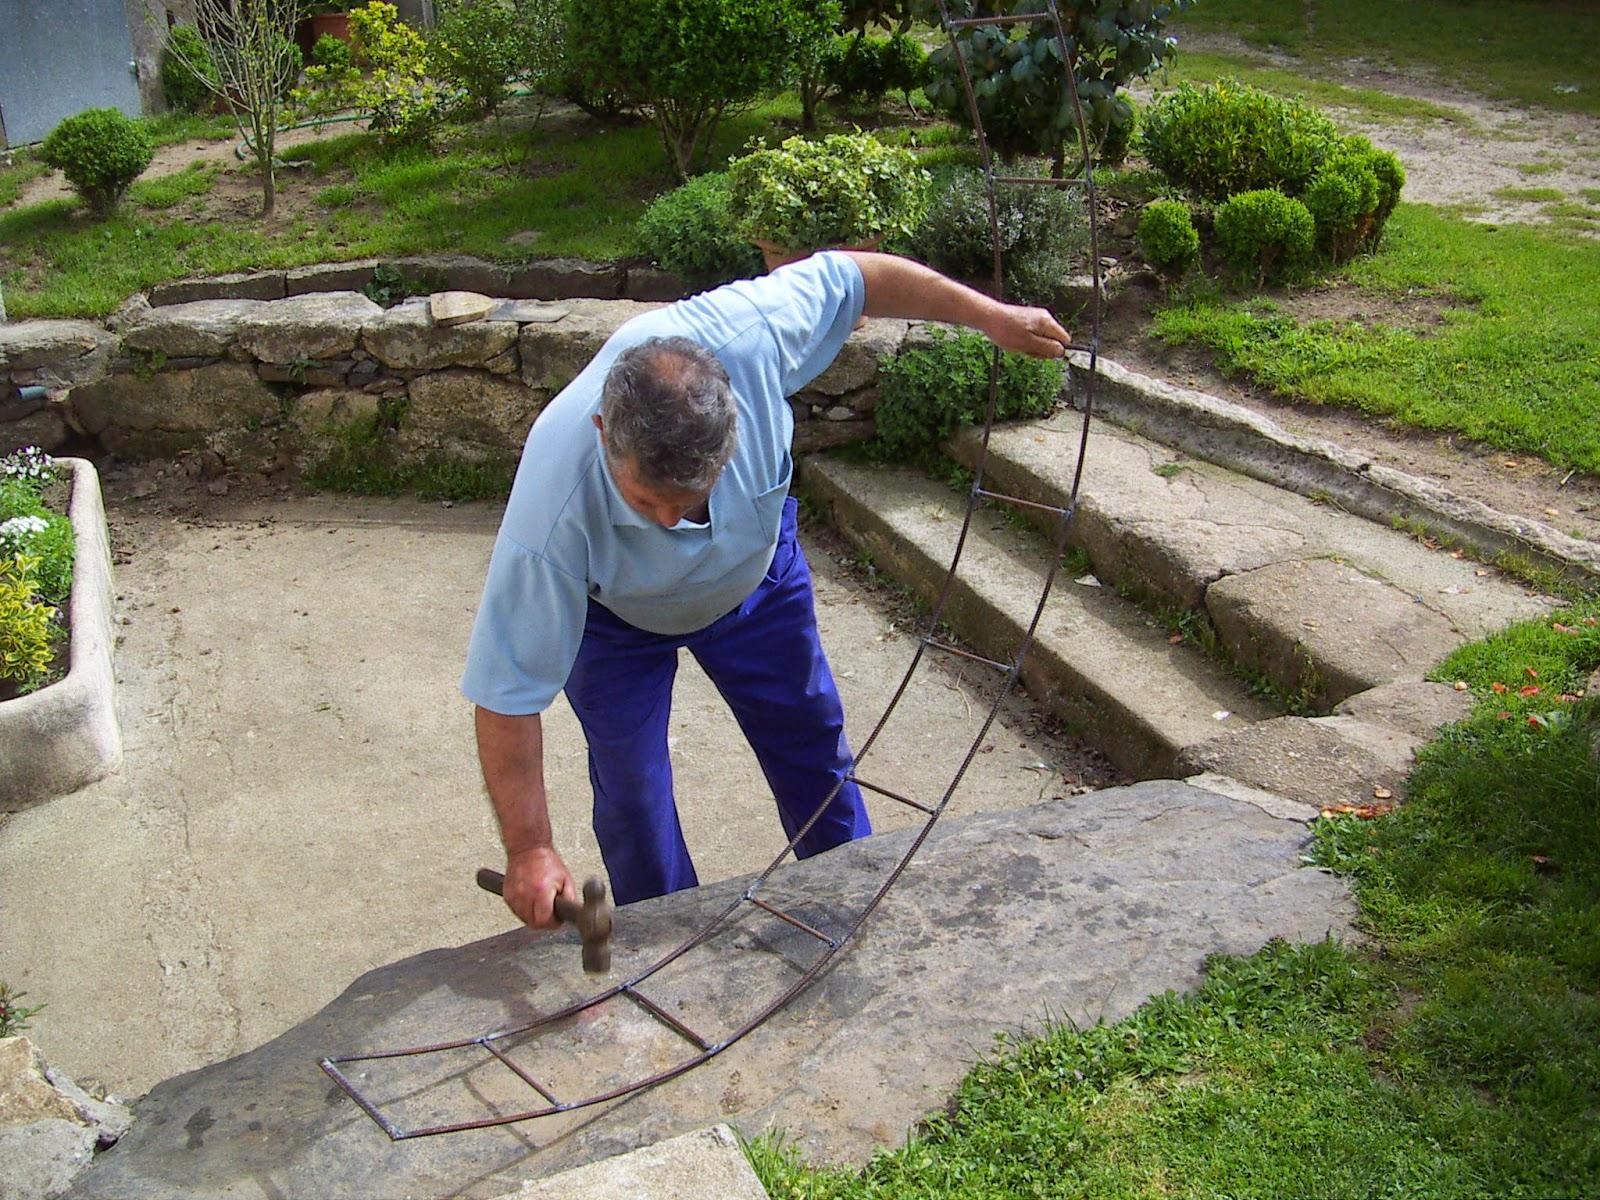 El rincn de un aprendiz Arco de hierro para el jardn